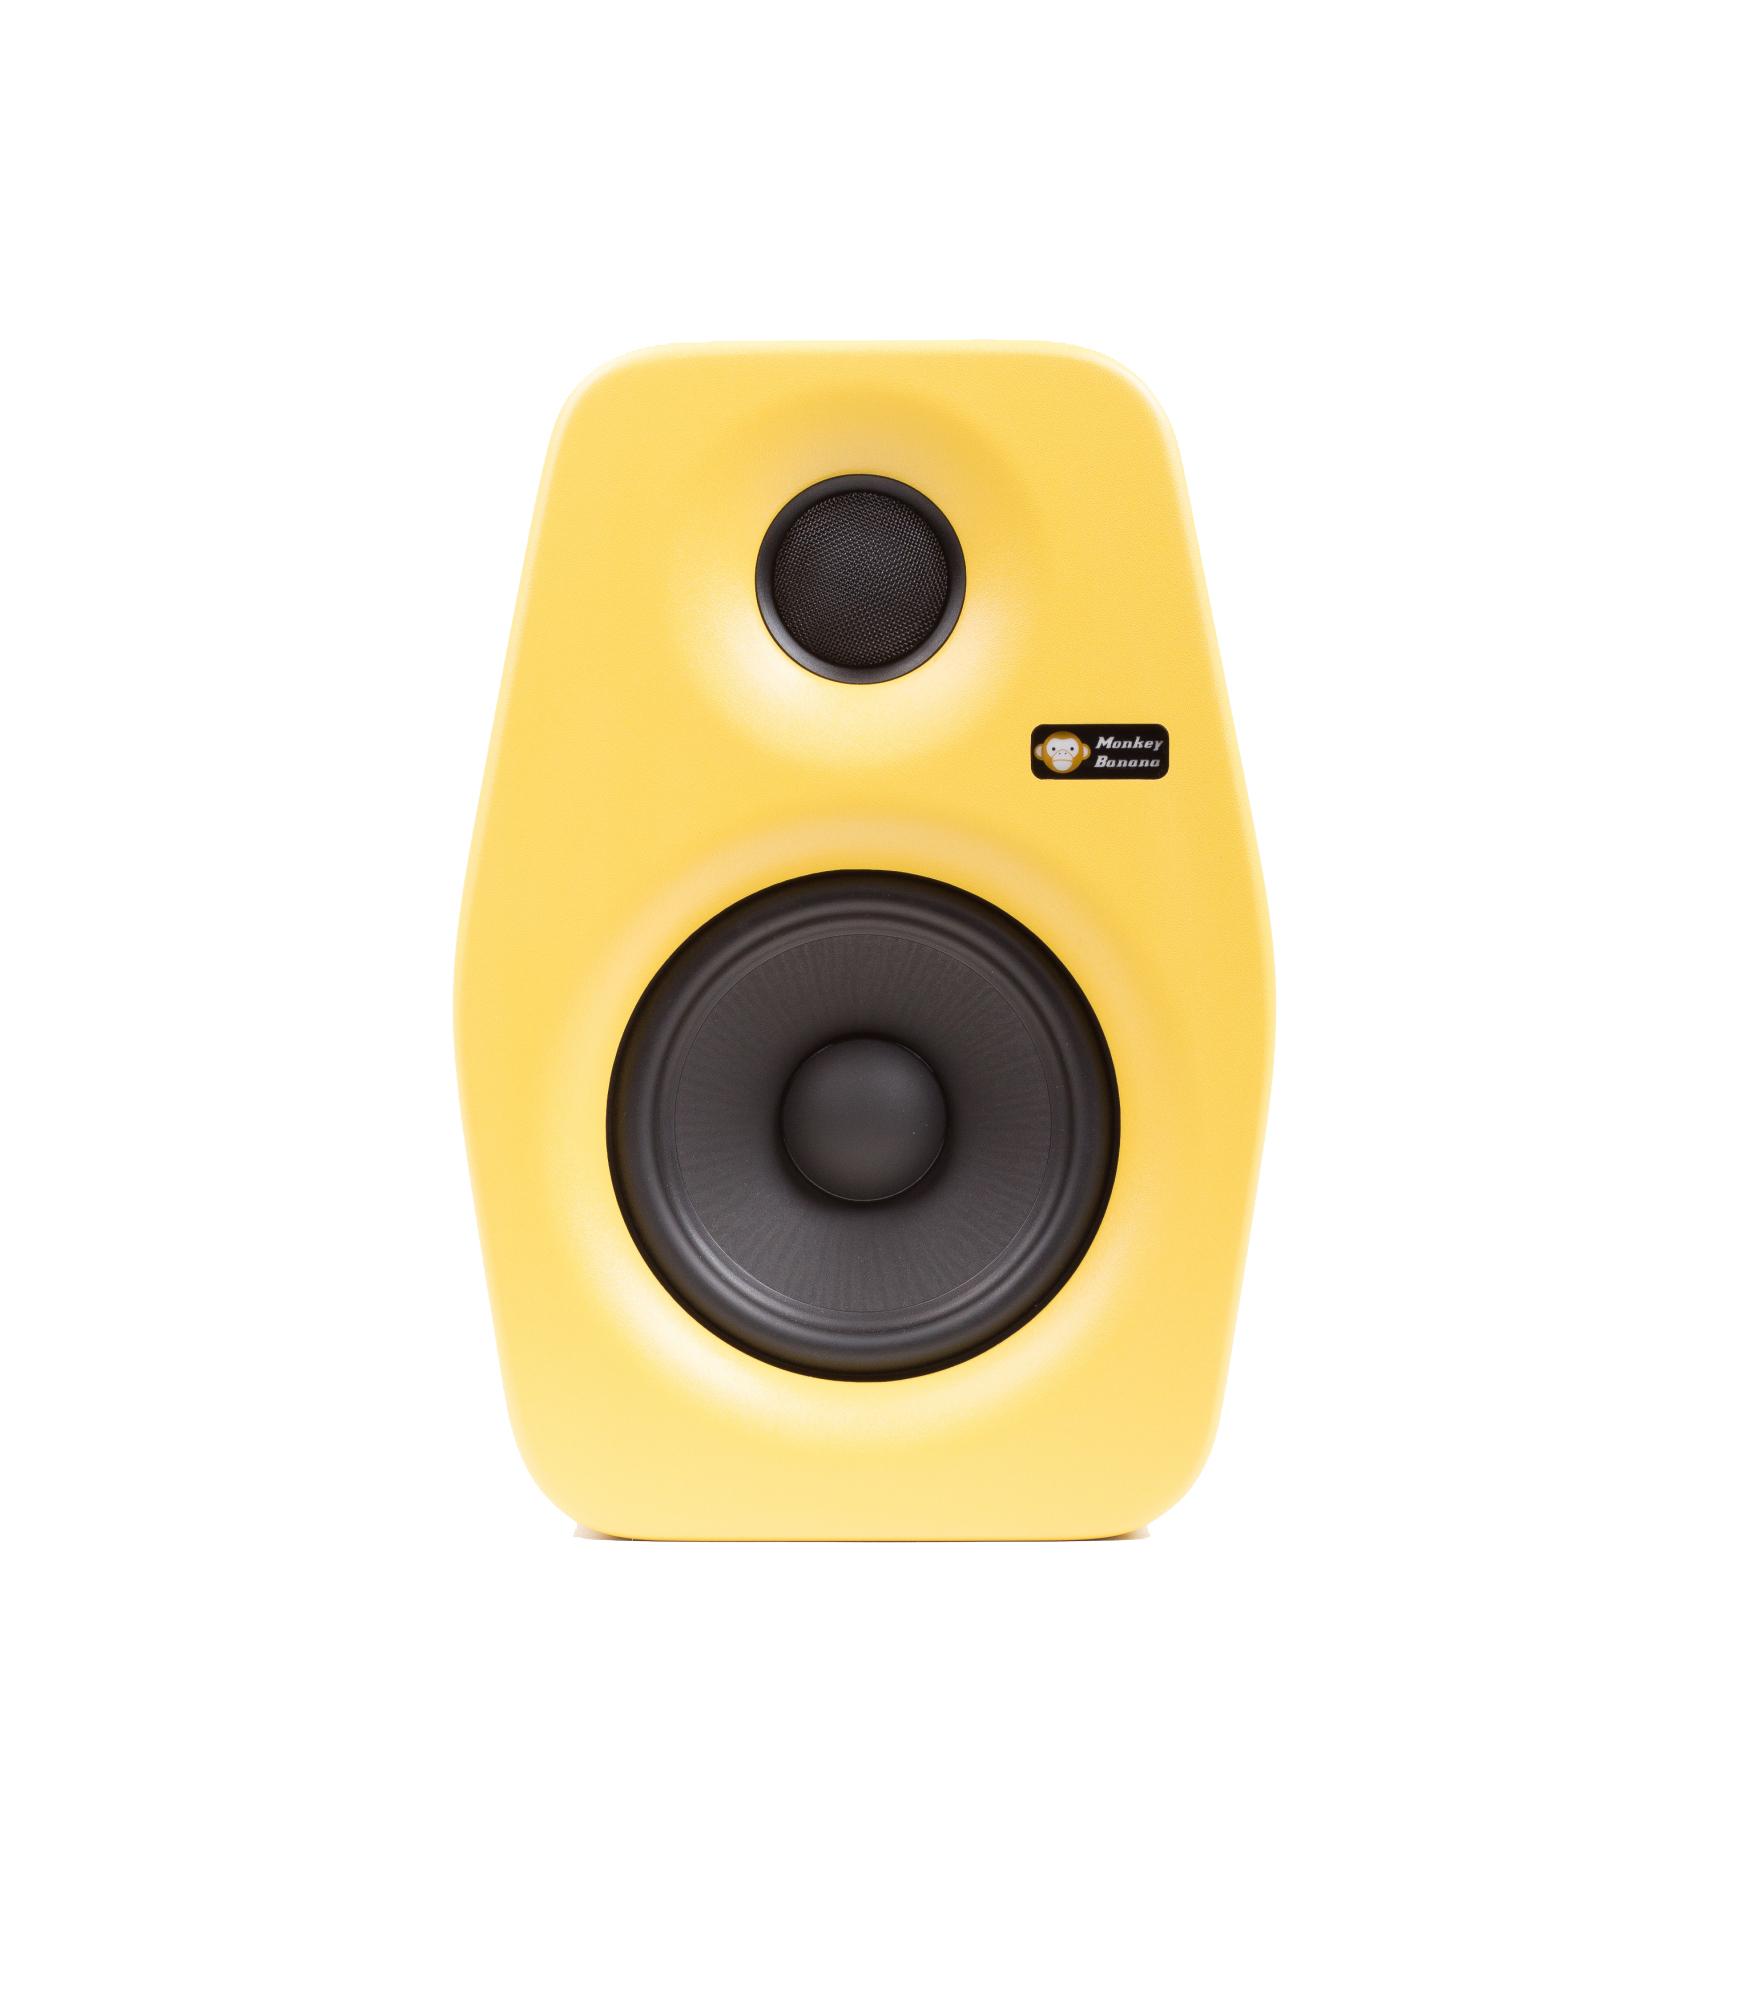 Billede af Monkey Banana Turbo 5 studie højttaler, gul